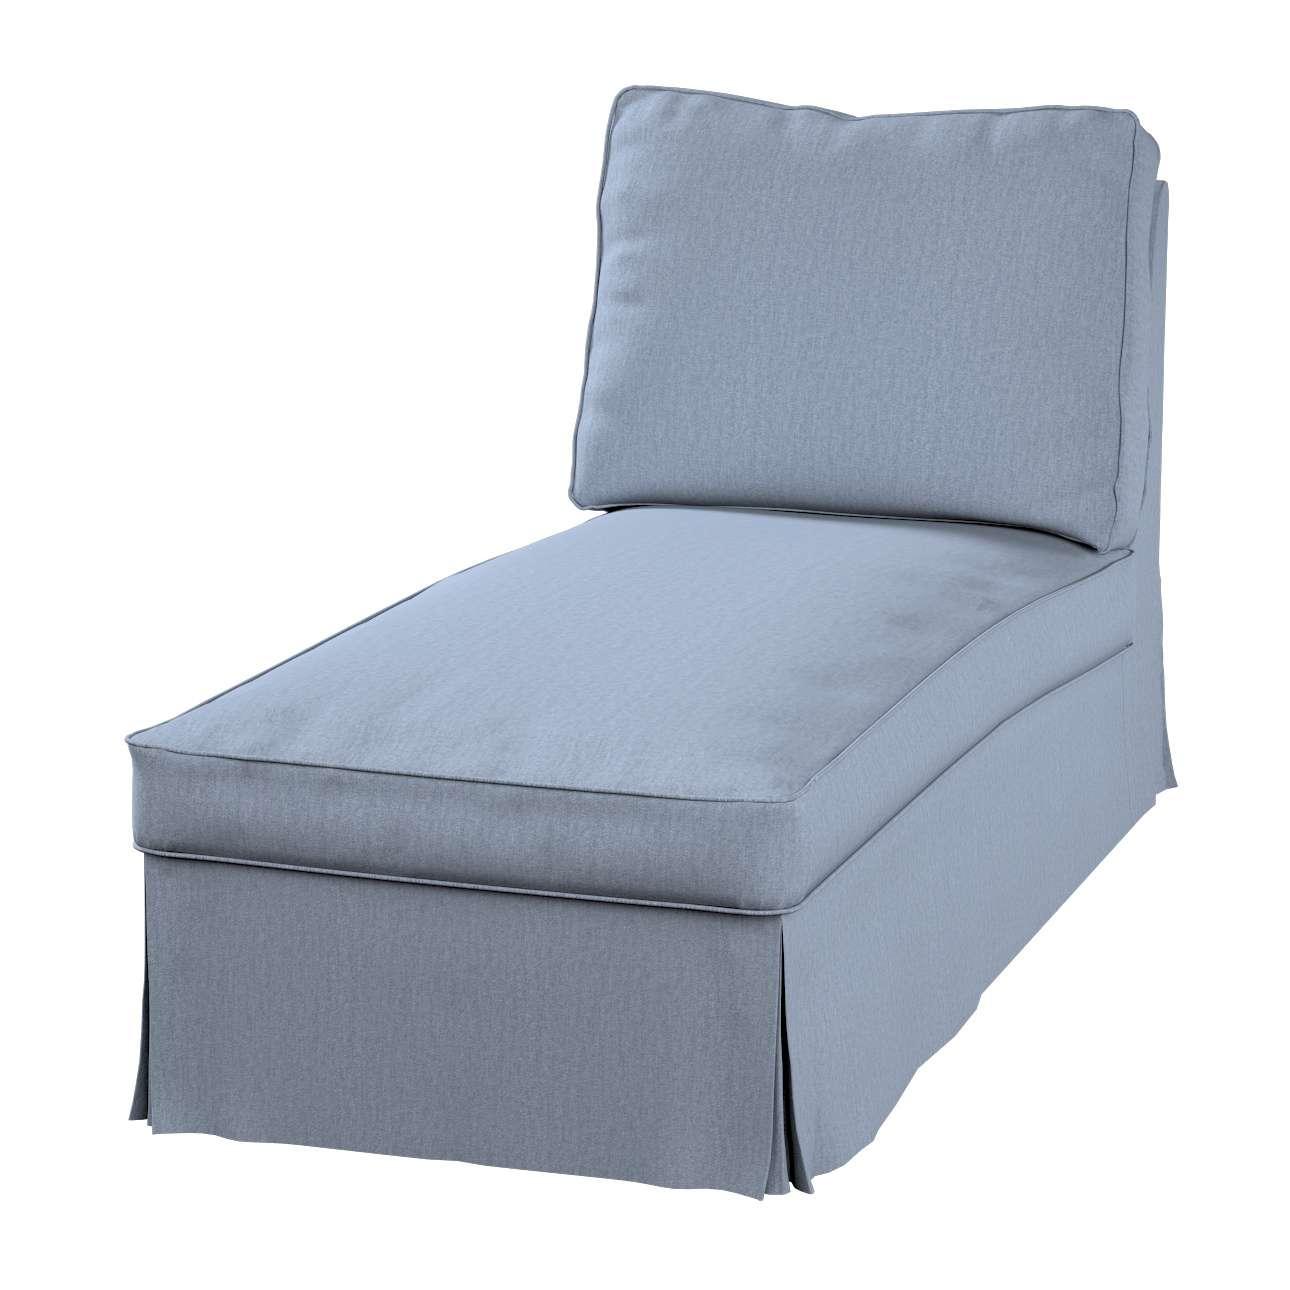 Ektorp gulimojo krėslo užvalkalas (be porankių, tiesus atlošas) Ektorp gulimasis krėslas be porankių, tiesiu atlošu, be suapavalinimų kolekcijoje Chenille, audinys: 702-13